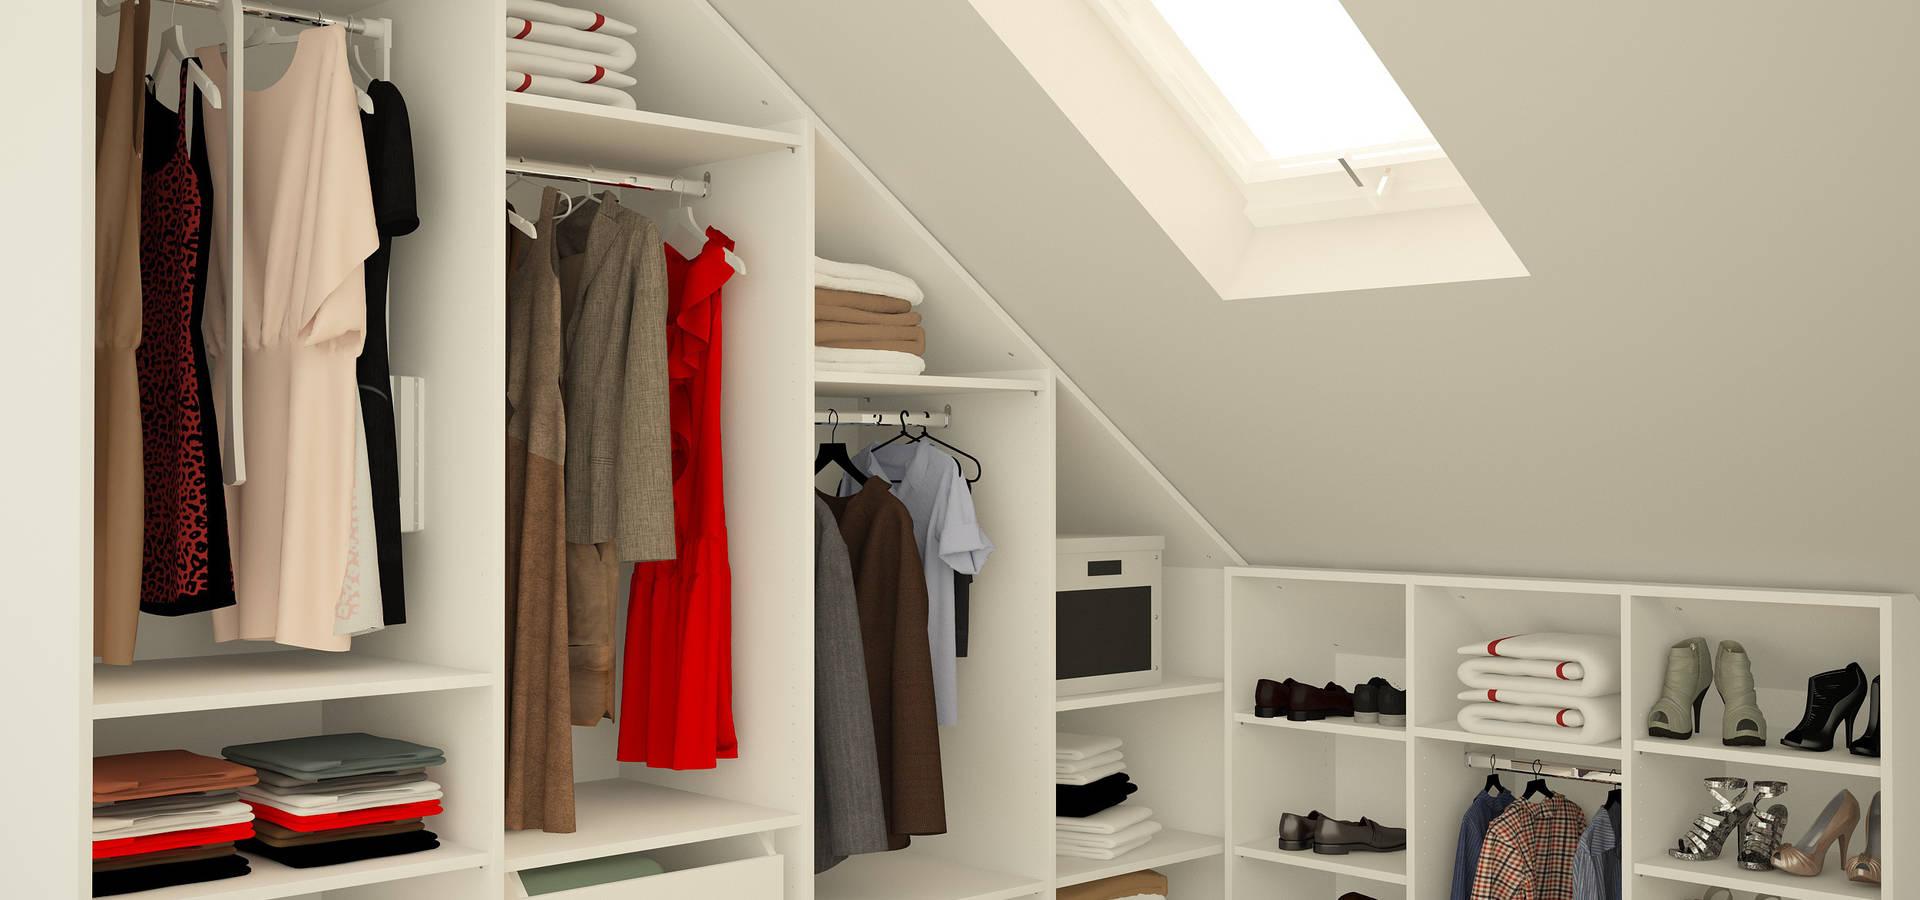 begehbarer kleiderschrank unter schr ge de meine. Black Bedroom Furniture Sets. Home Design Ideas